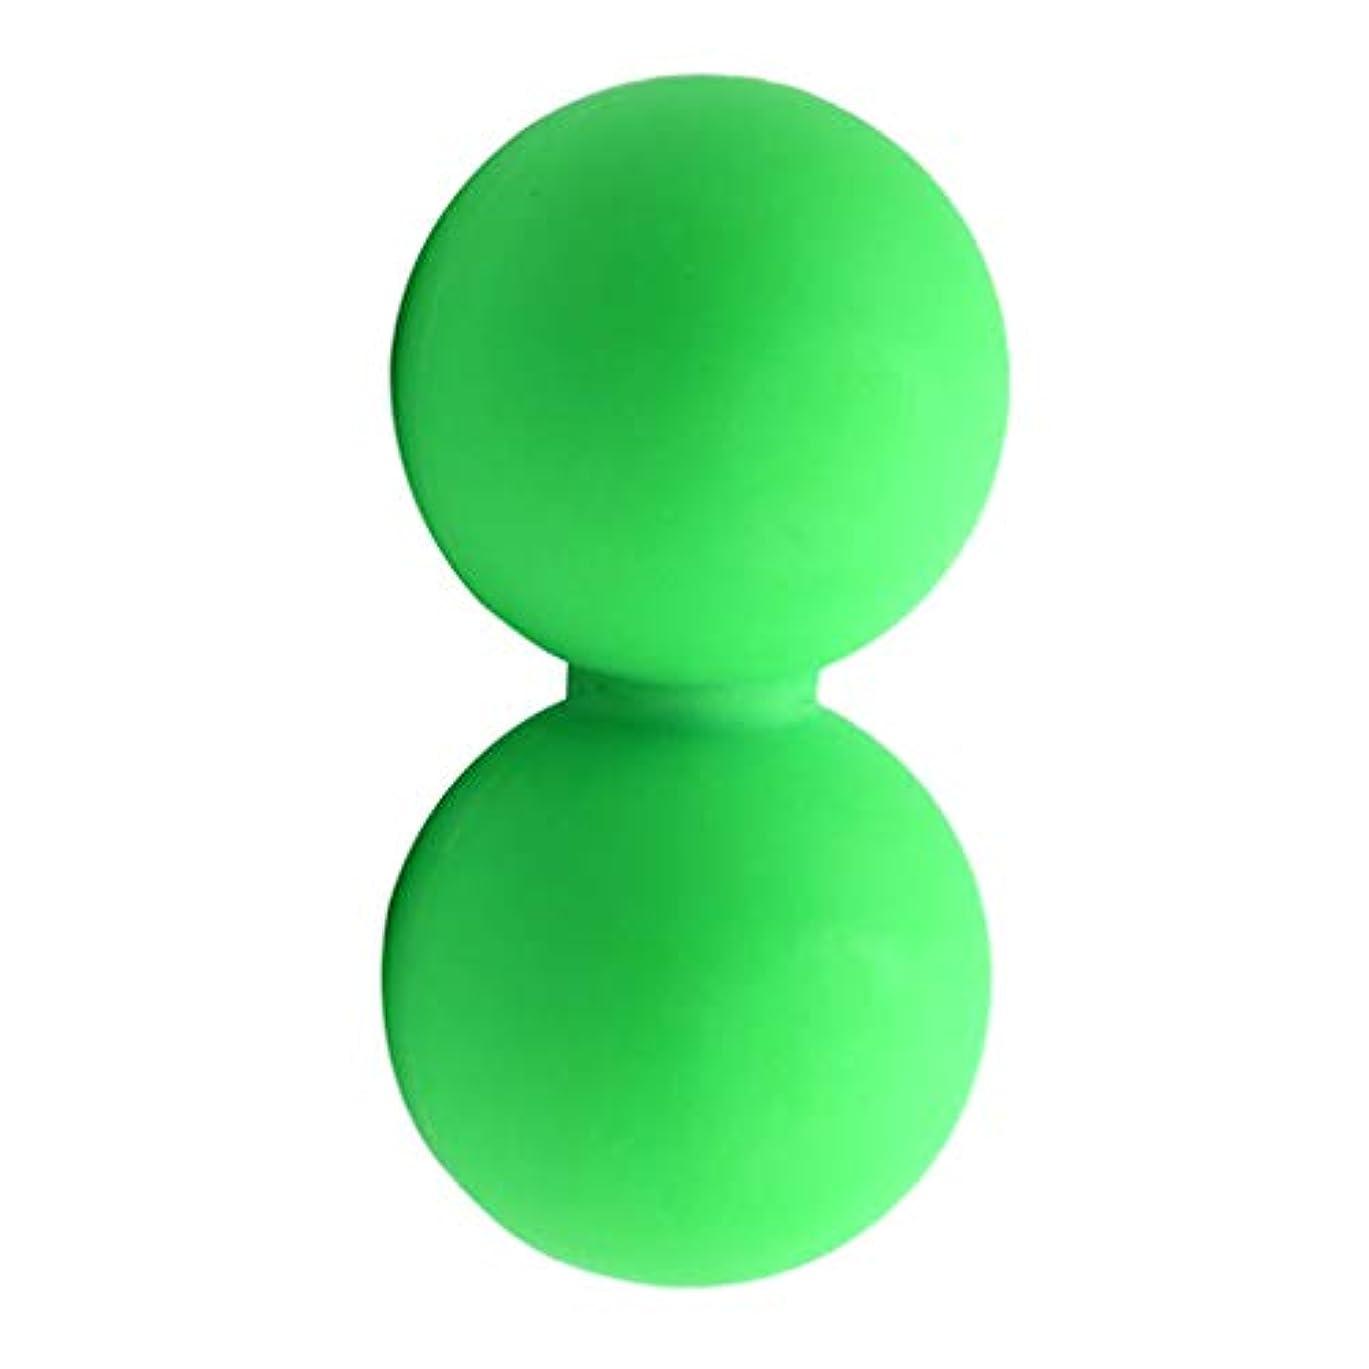 に向かって柔らかい足効果マッサージボール グリーン スポーツケア 運動 痛み緩和